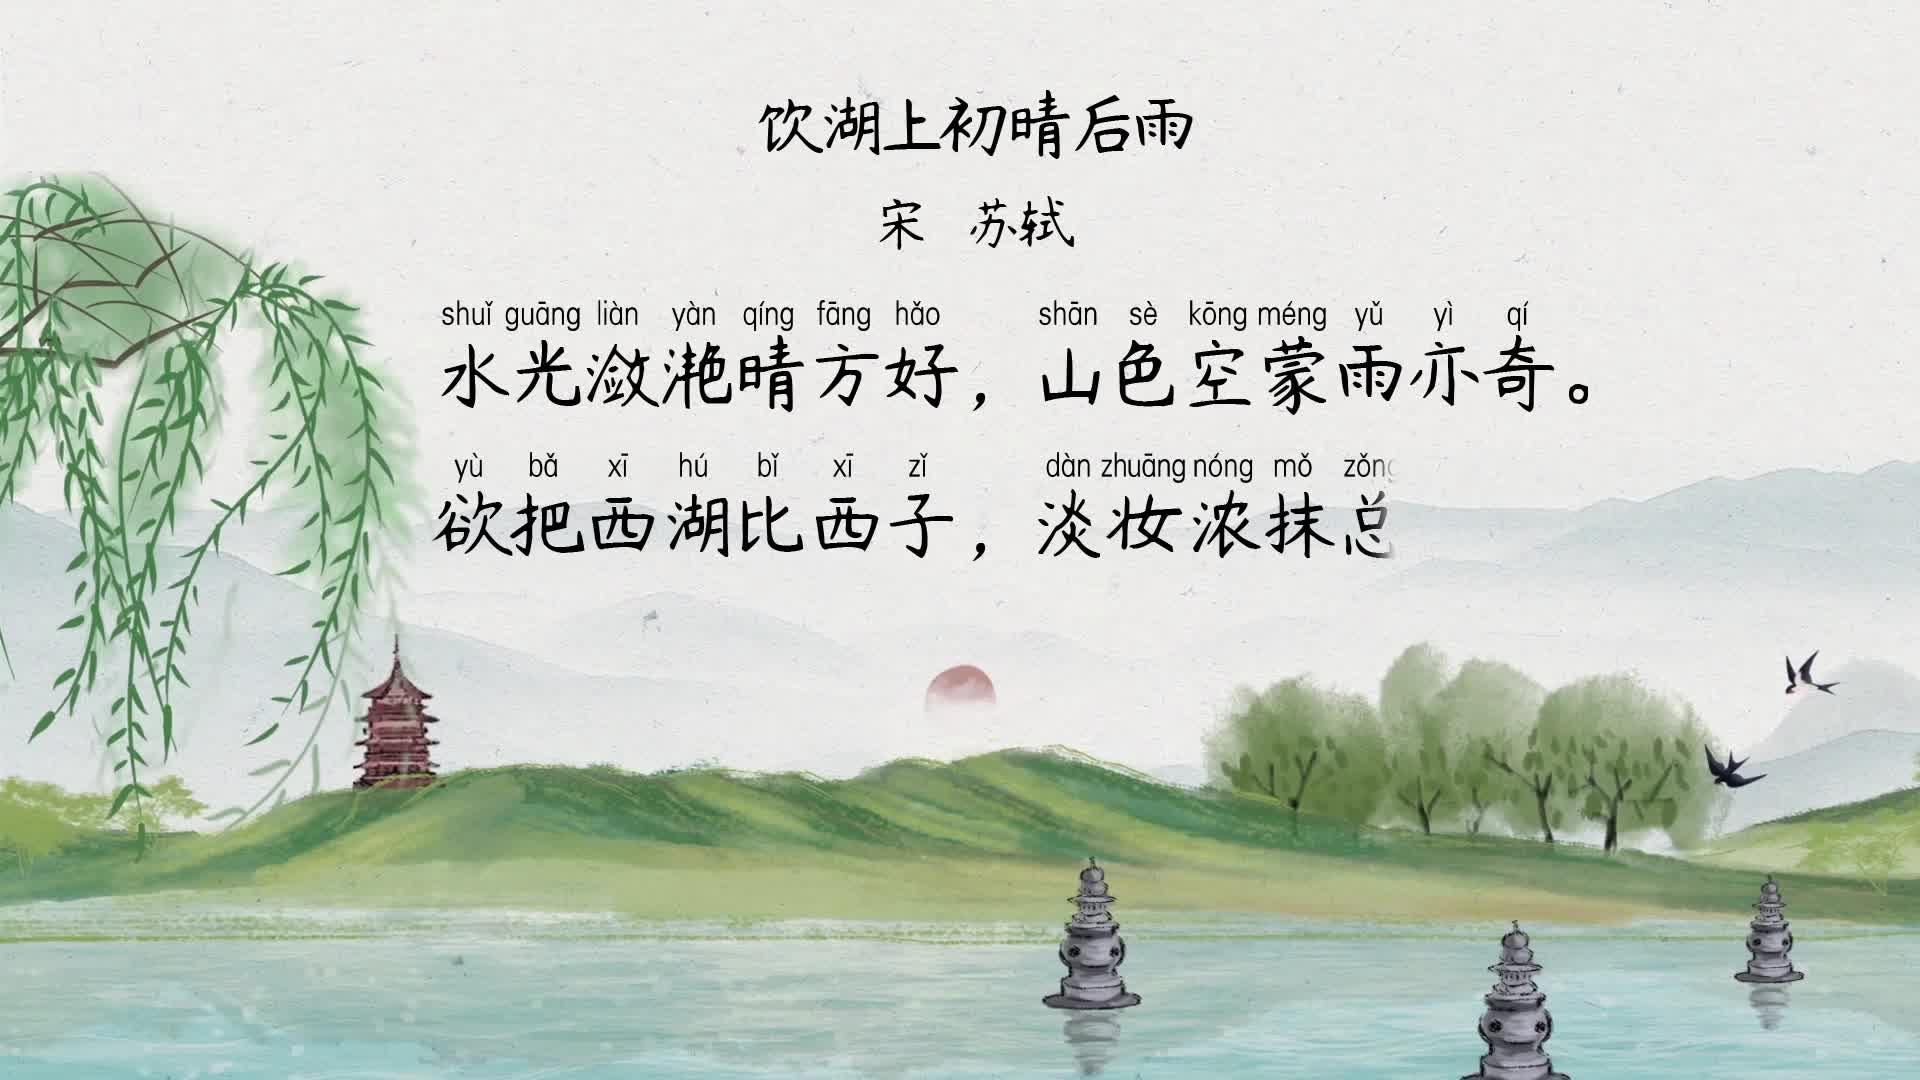 《小学古诗》33饮湖上初晴后雨-宋 苏轼